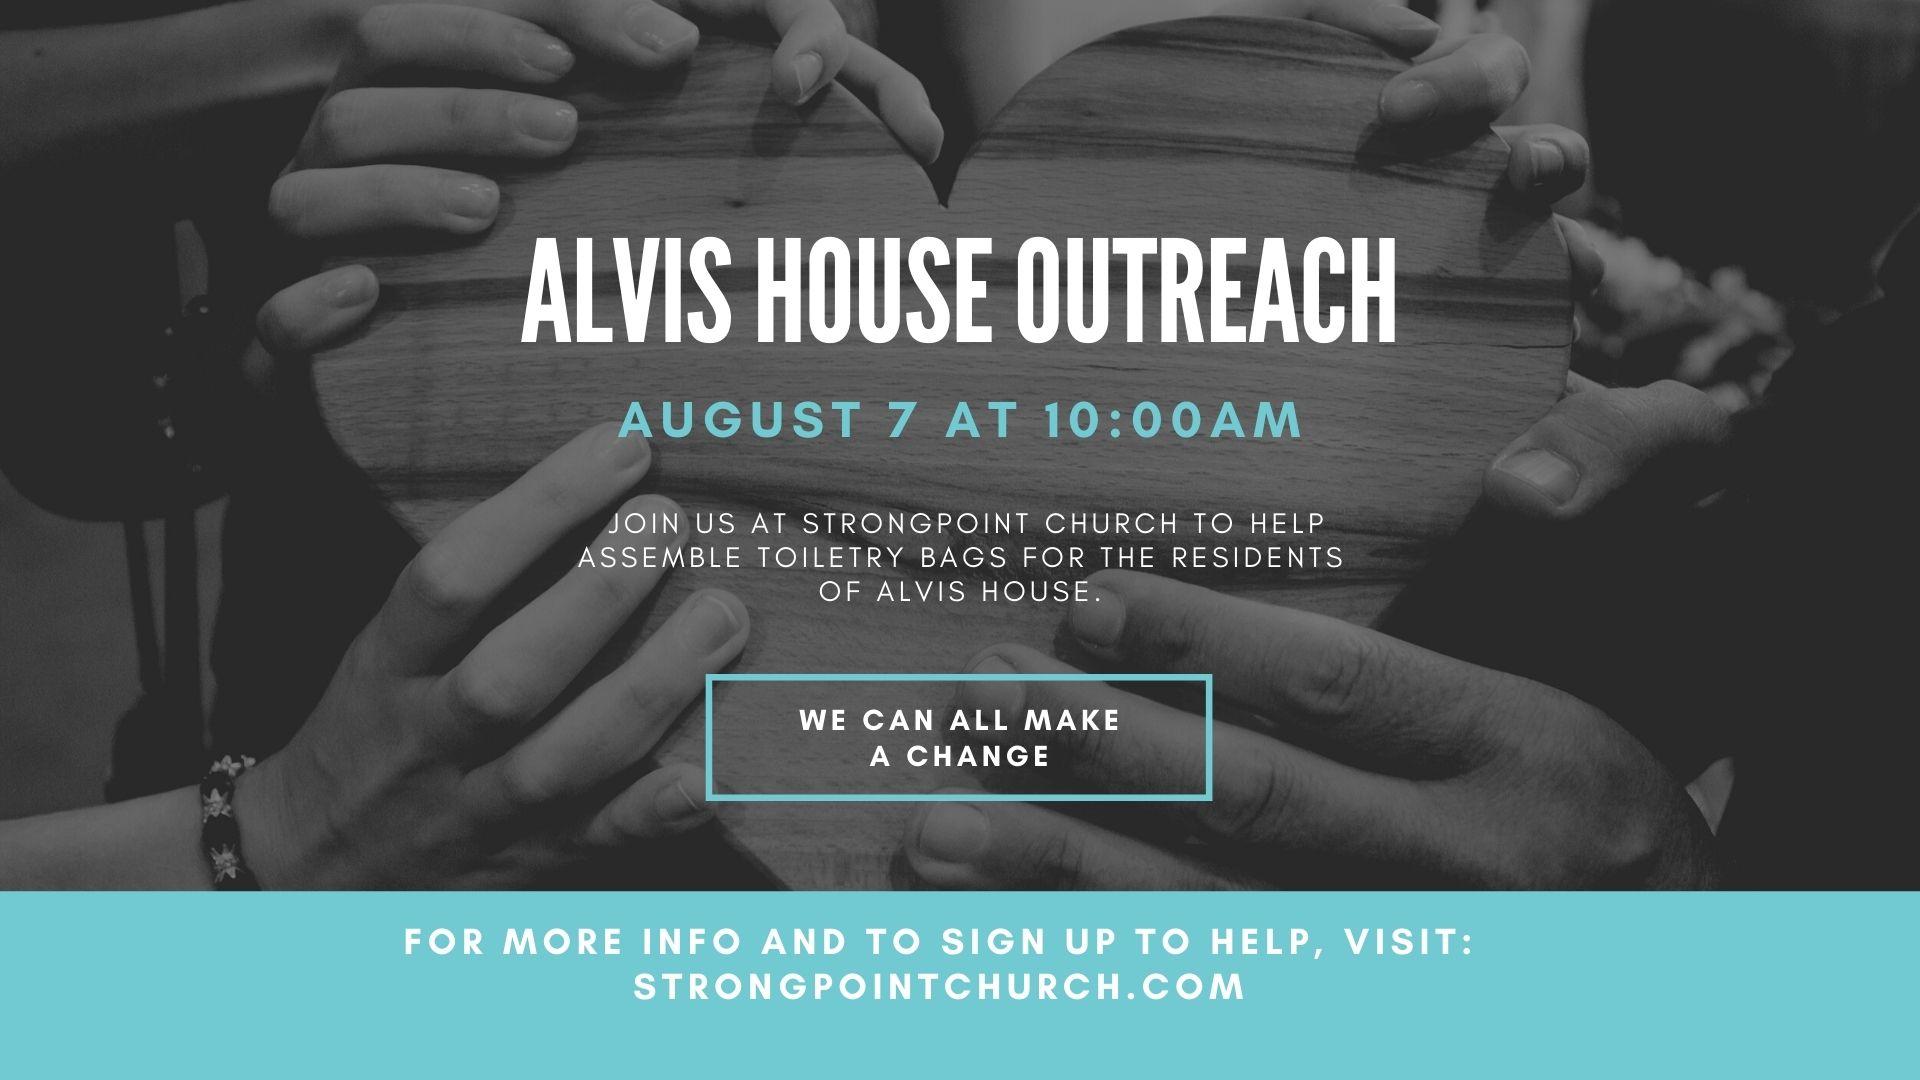 Alvis House Outreach